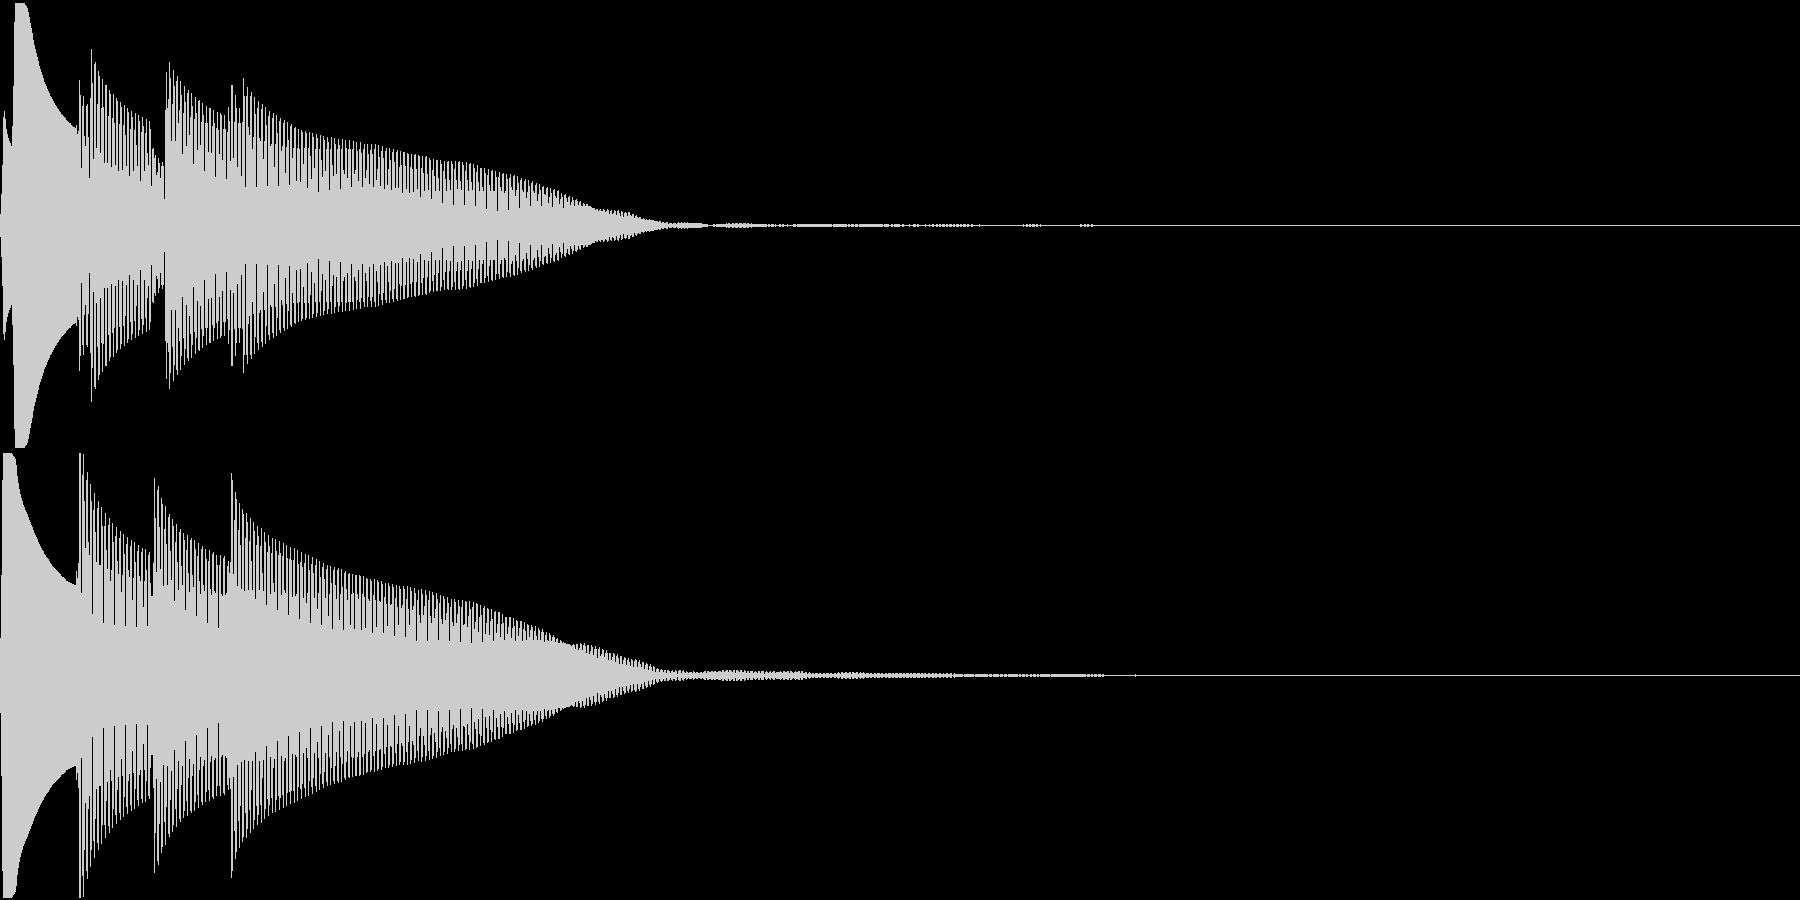 Quiz 正解 ピンポンピンポーン 低音の未再生の波形